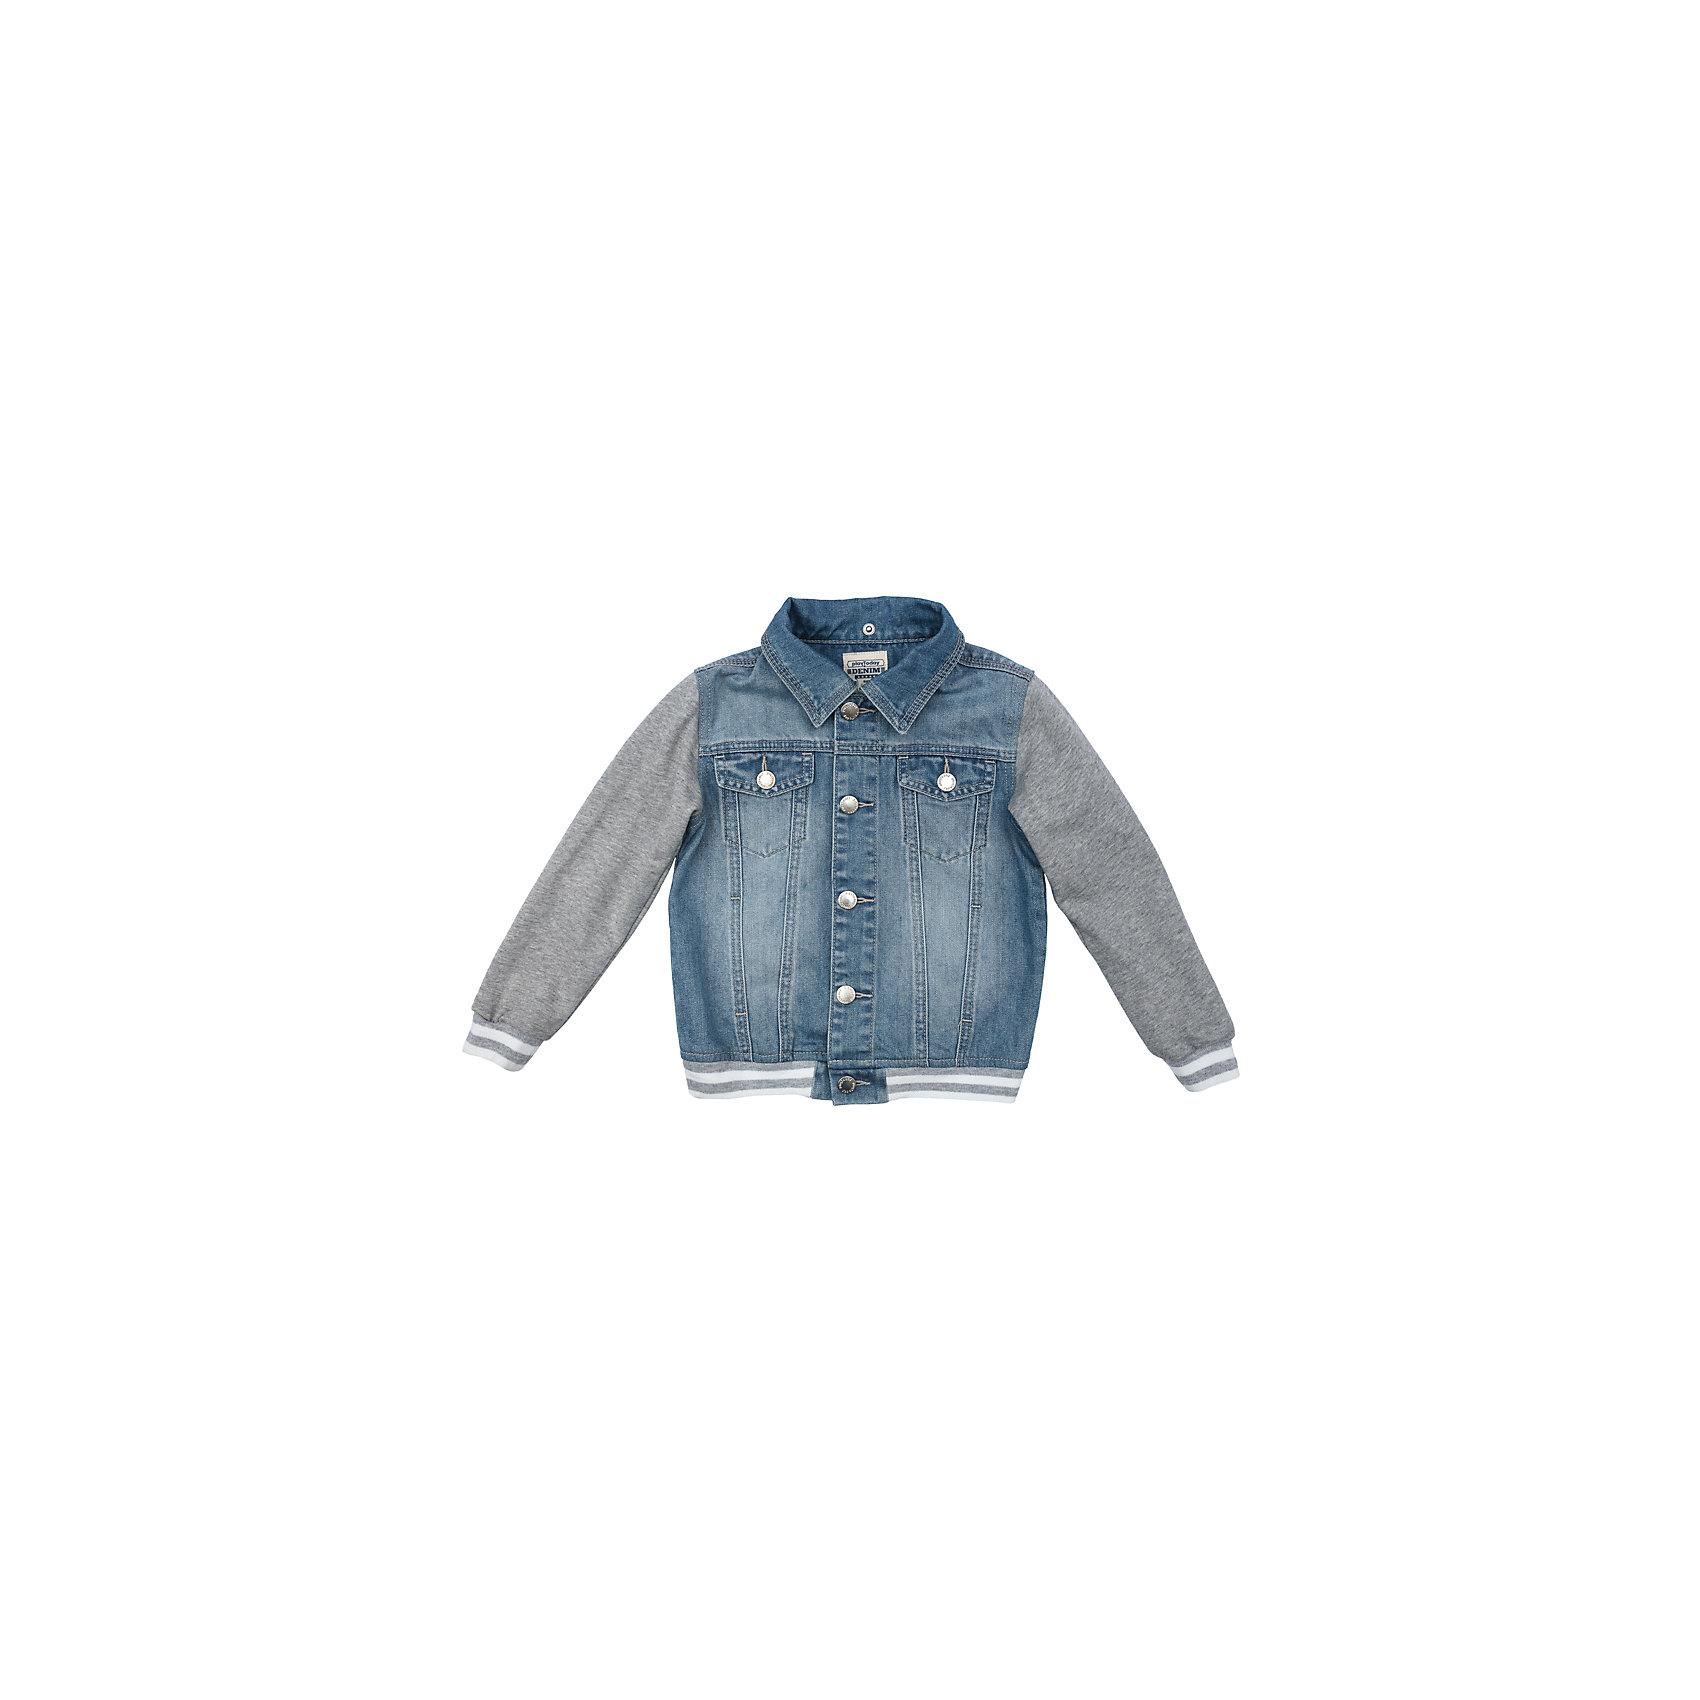 Куртка джинсовая для мальчика PlayTodayДжинсовая одежда<br>Характеристики товара:<br><br>• цвет: разноцветный<br>• состав: 80% хлопок, 20% полиэстер<br>• без утеплителя<br>• температурный режим: от +10°С до +20°С<br>• отложной воротник<br>• мягкая резинка по низу изделия<br>• с эффектом потертости<br>• эластичные манжеты<br> пуговицы<br>• коллекция: весна-лето 2017<br>• страна бренда: Германия<br>• страна производства: Китай<br><br>Популярный бренд PlayToday выпустил новую коллекцию! Вещи из неё продолжают радовать покупателей удобством, стильным дизайном и продуманным кроем. Дети носят их с удовольствием. PlayToday - это линейка товаров, созданная специально для детей. Дизайнеры учитывают новые веяния моды и потребности детей. Порадуйте ребенка обновкой от проверенного производителя!<br>Такая легкая куртка обеспечит ребенку комфорт благодаря качественному материалу и продуманному крою. С помощью этой модели можно удобно одеться по погоде. Очень модная модель! Отлично подходит для переменной погоды межсезонья.<br><br>Куртку для мальчика от известного бренда PlayToday можно купить в нашем интернет-магазине.<br><br>Ширина мм: 356<br>Глубина мм: 10<br>Высота мм: 245<br>Вес г: 519<br>Цвет: белый<br>Возраст от месяцев: 24<br>Возраст до месяцев: 36<br>Пол: Мужской<br>Возраст: Детский<br>Размер: 98,128,104,110,116,122<br>SKU: 5403375